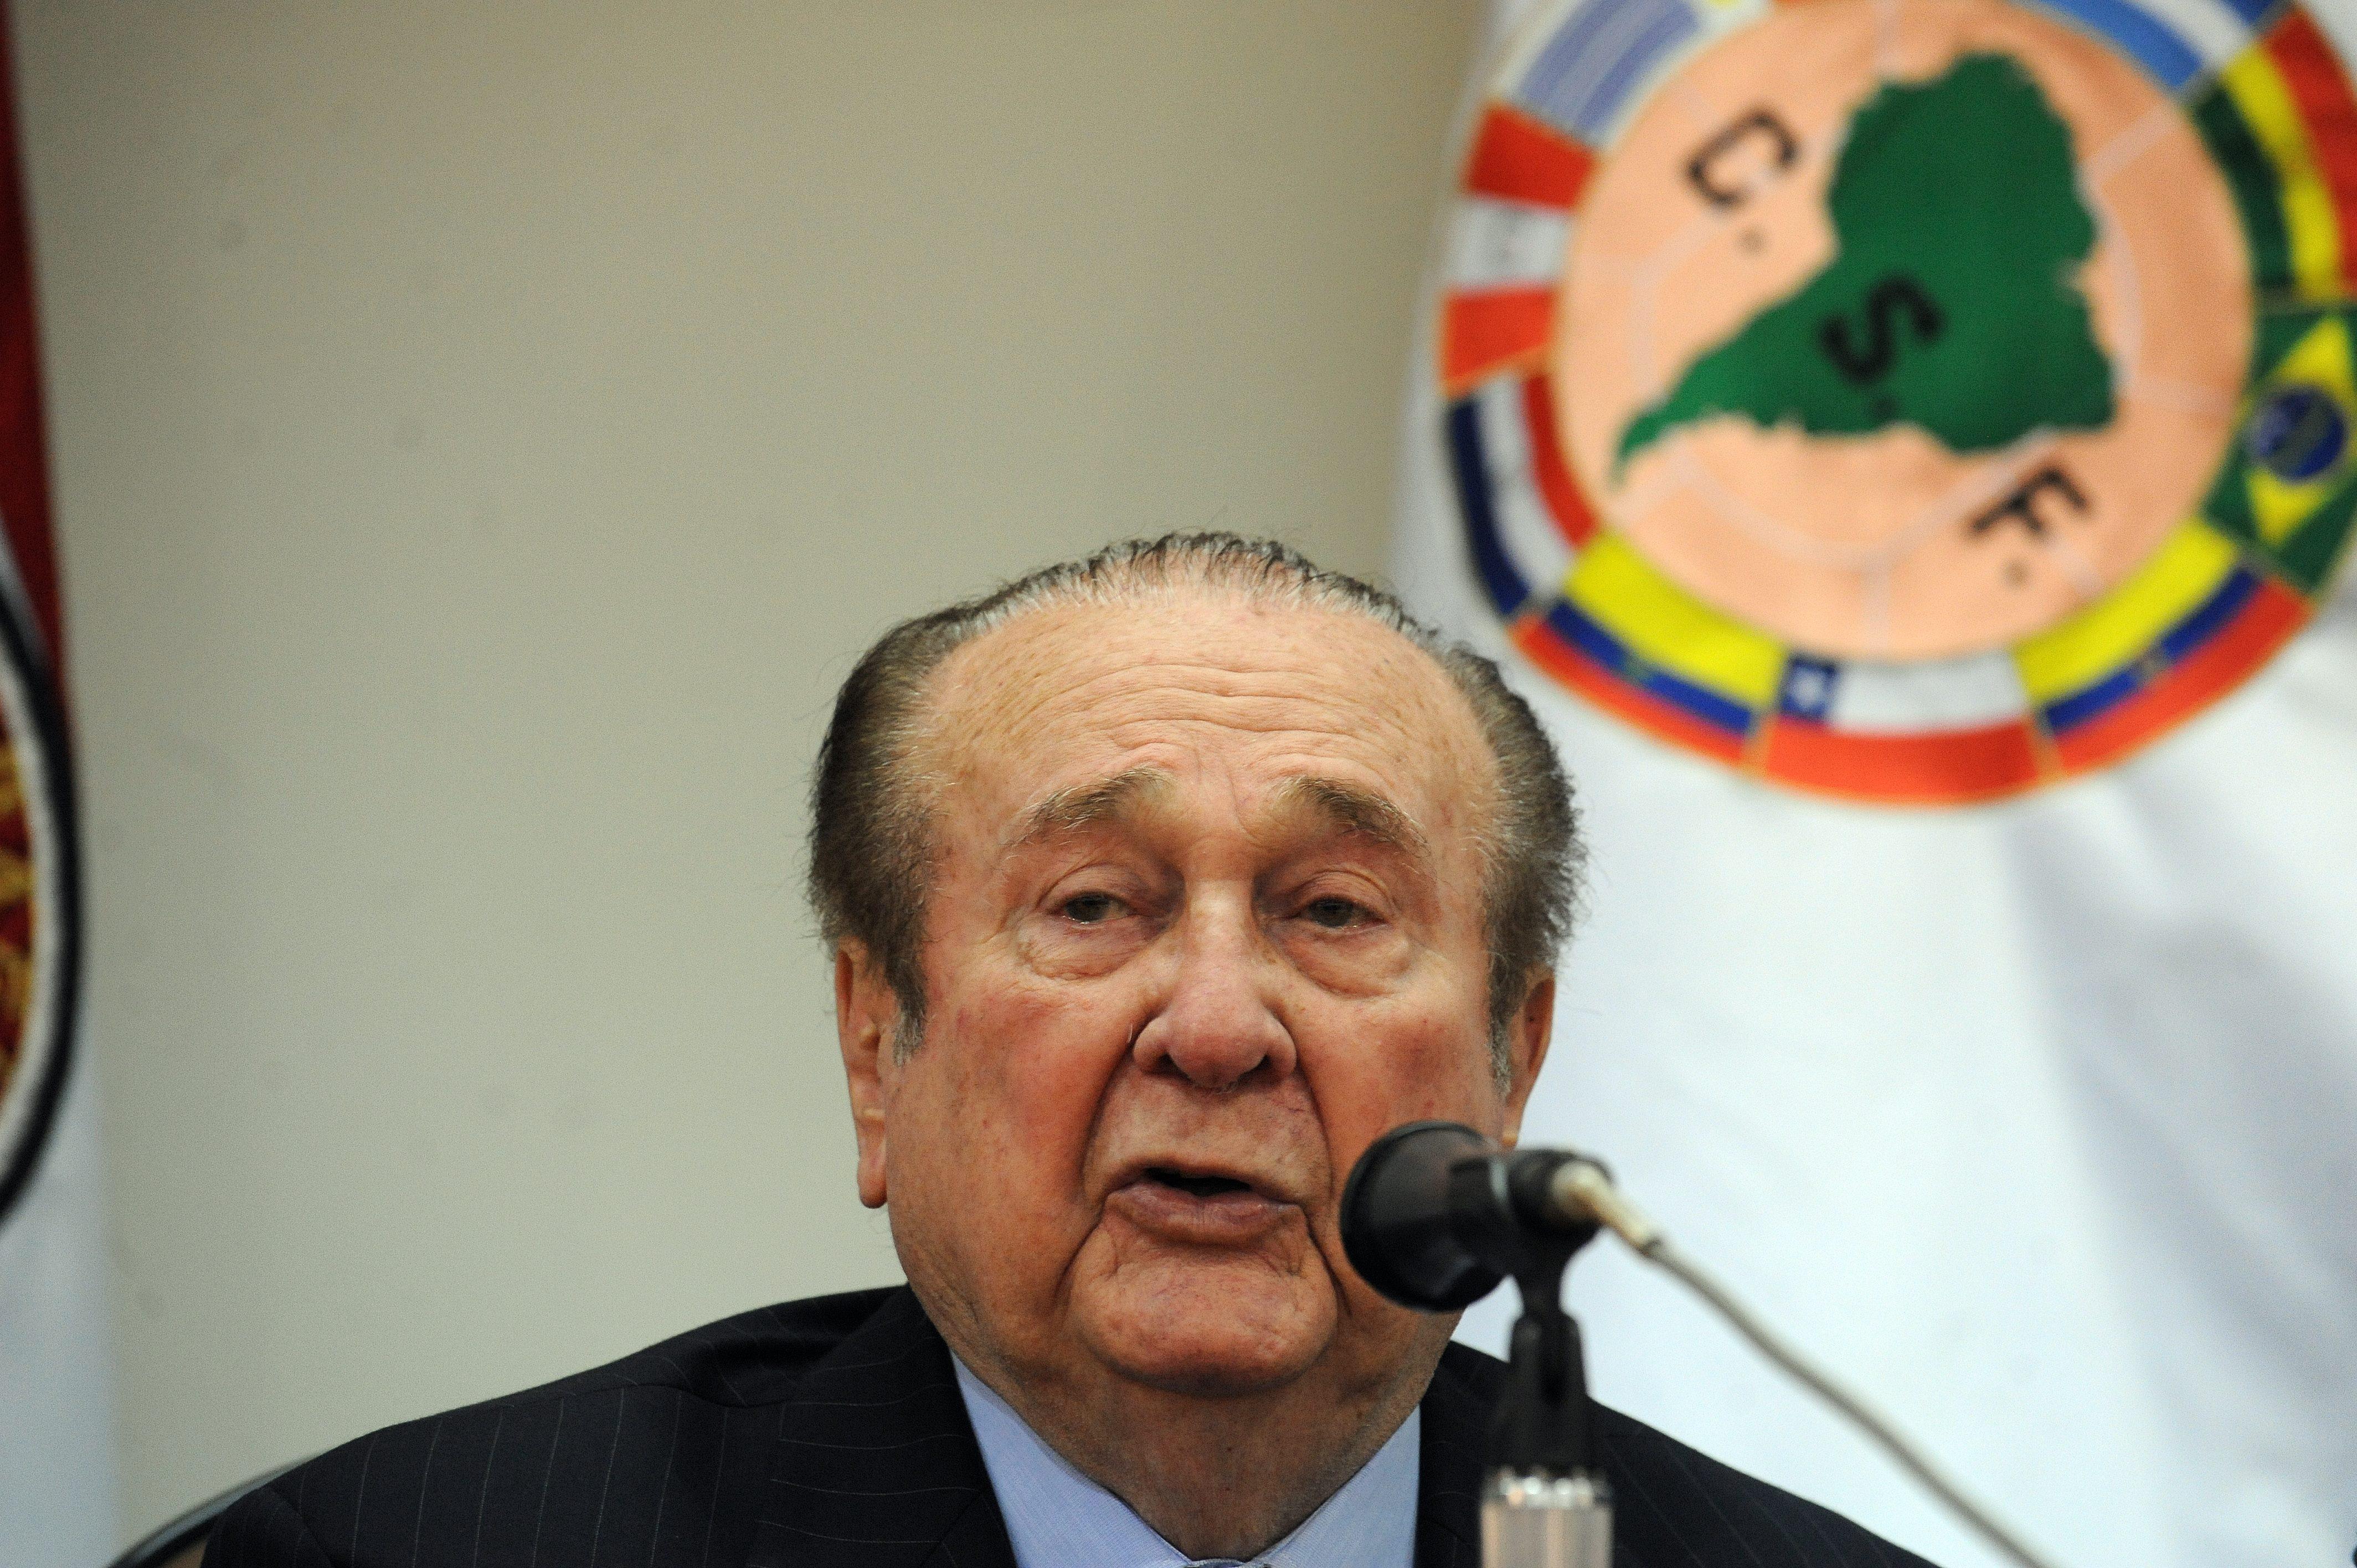 Nicolás Leoz, ex presidente de la Conmebol (NORBERTO DUARTE/AFP/Getty Images)